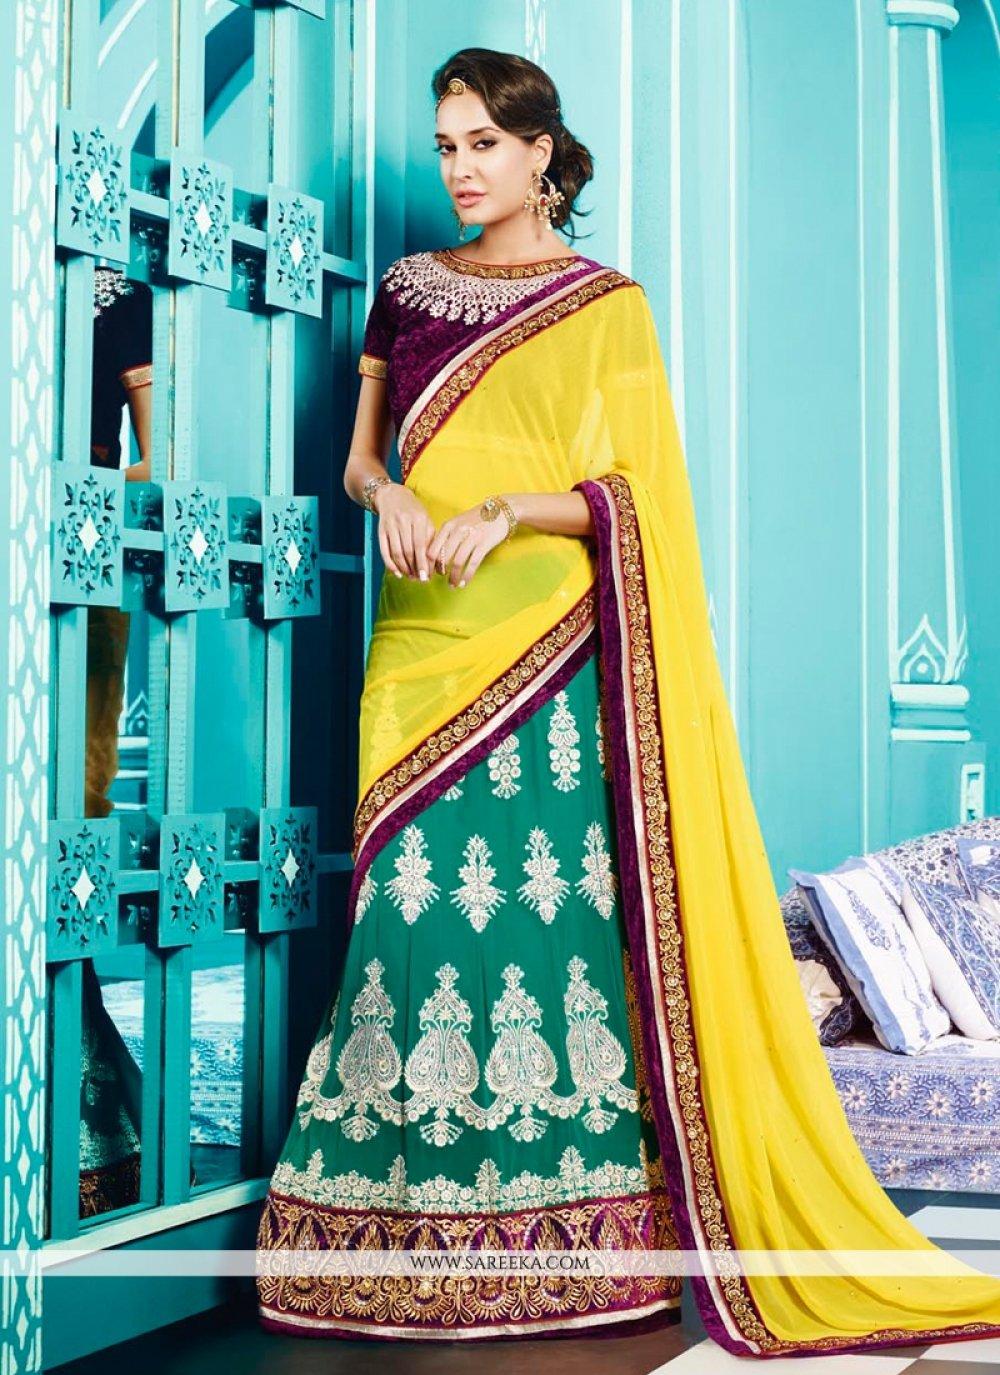 Lisa Haydon Yellow And Green Resham Work Lehenga Saree